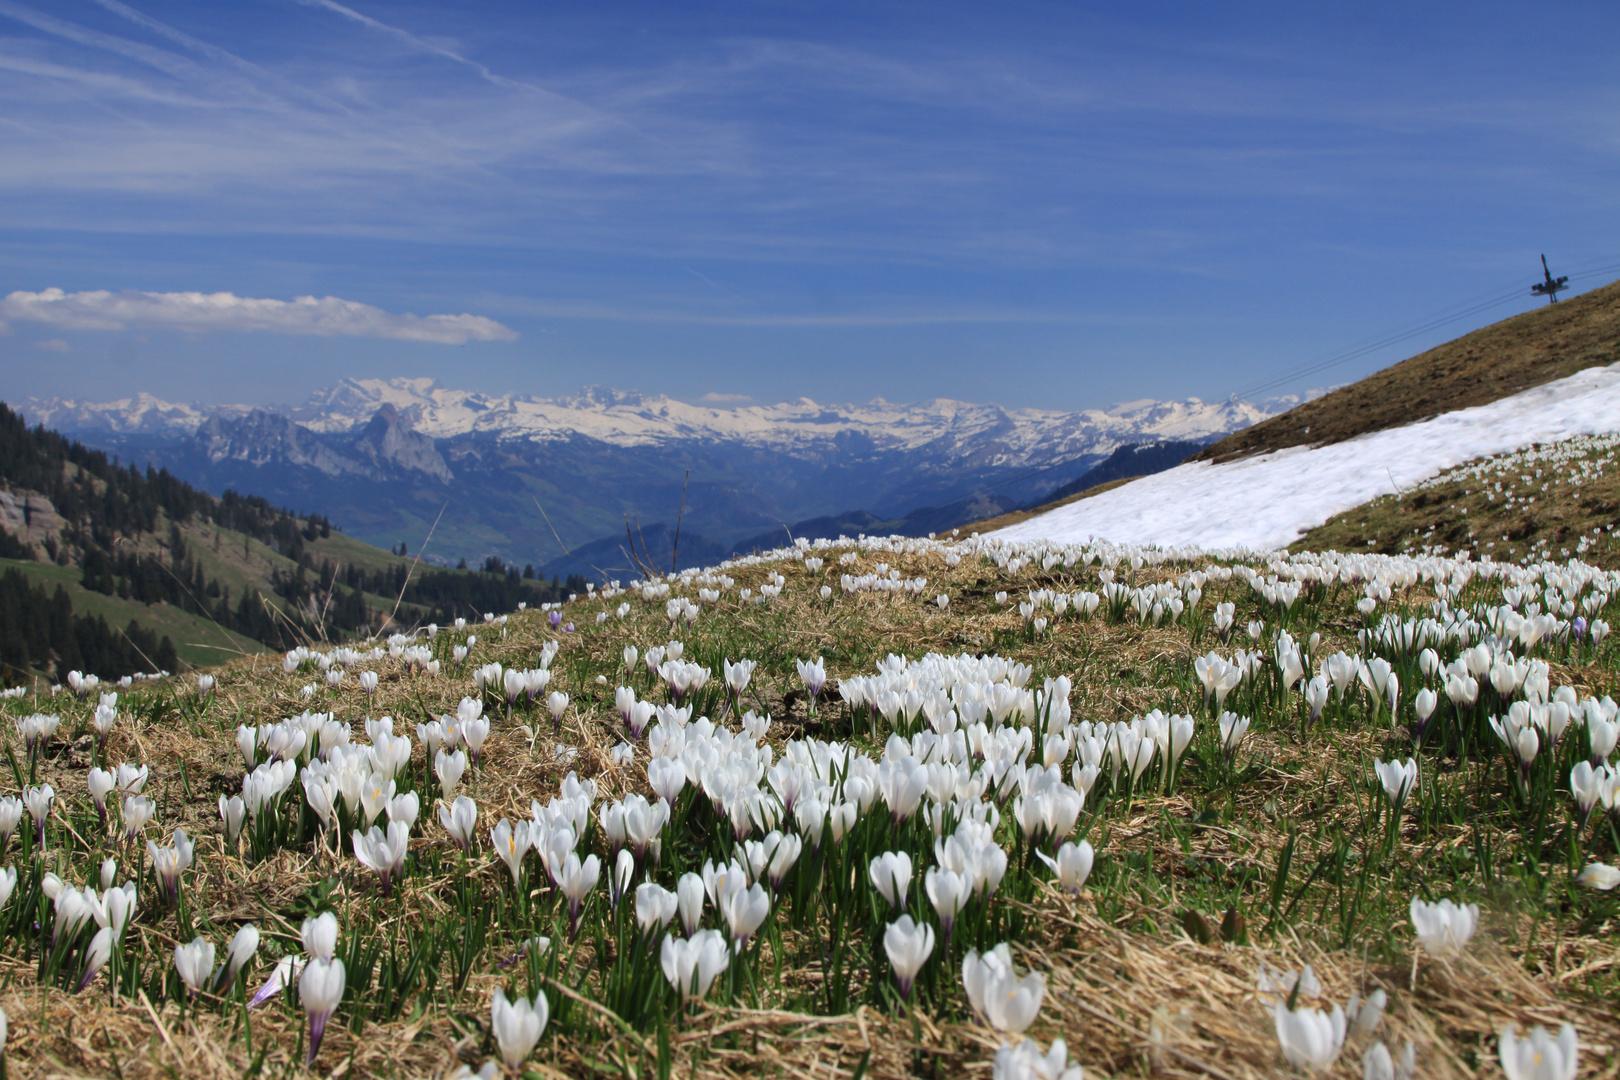 Frühlingserwachen auf der Rigi, der Königin der Berge